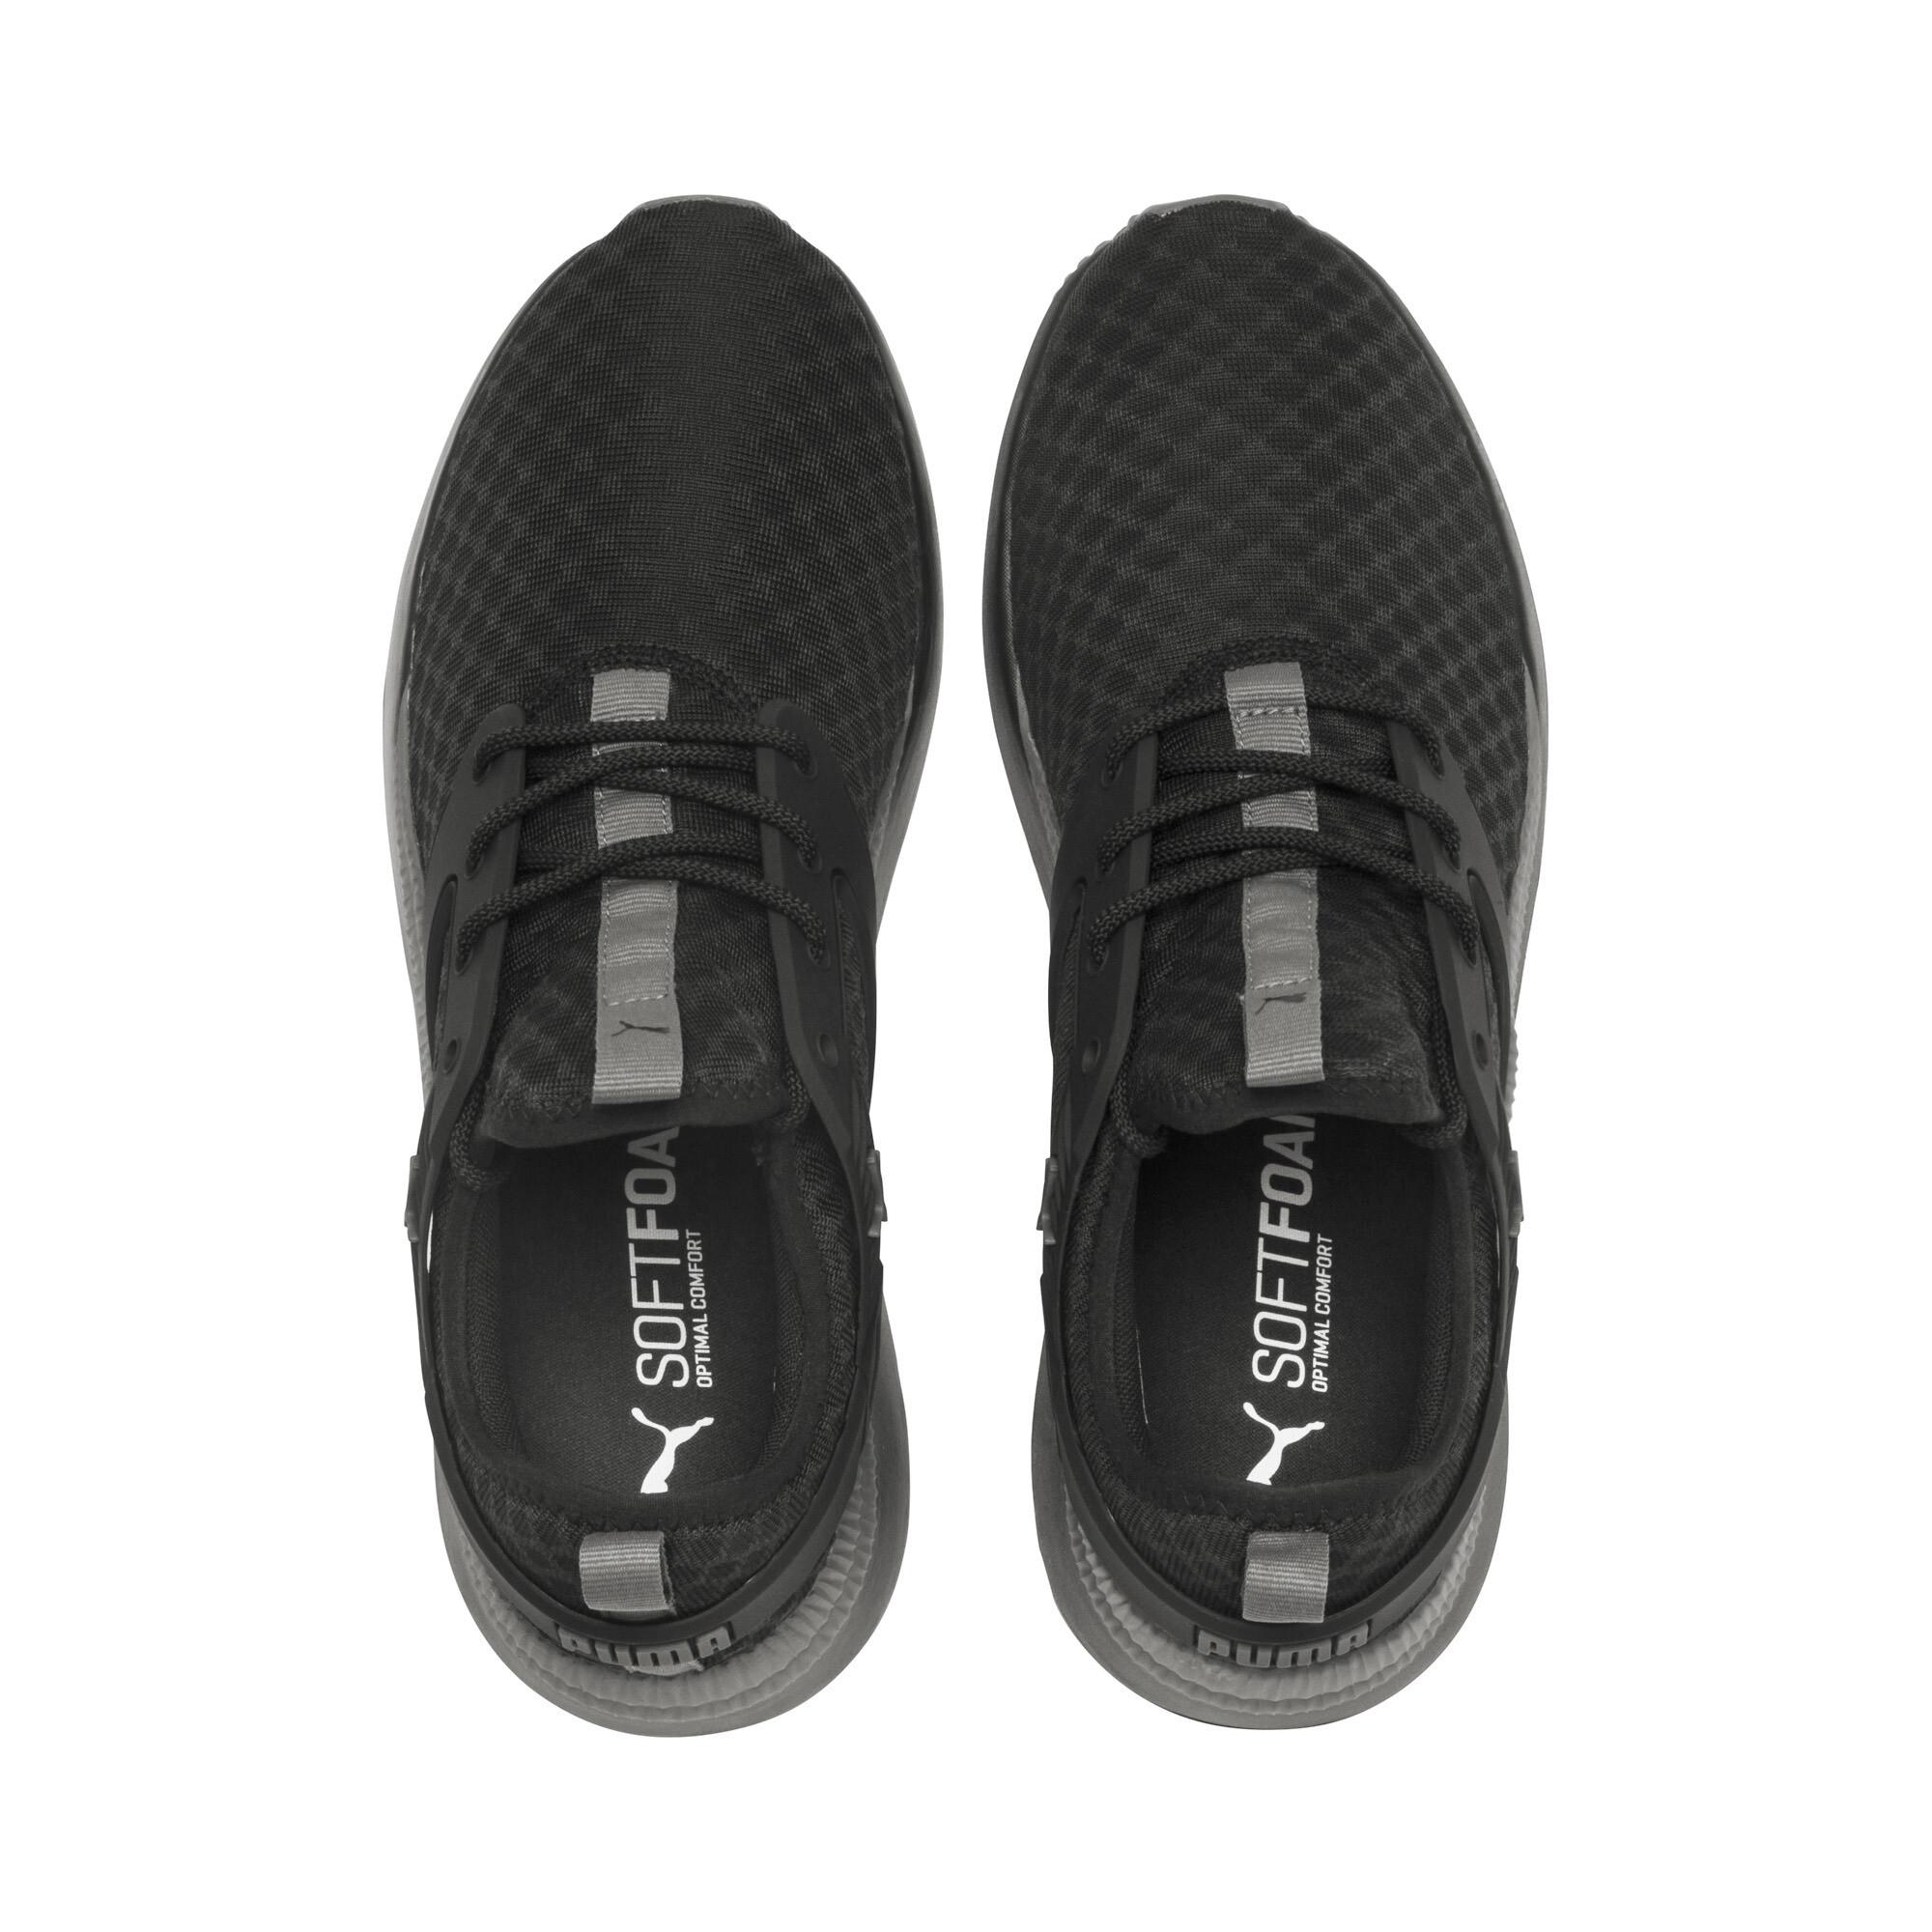 thumbnail 16 - PUMA Men's Pacer Next Excel Core Sneakers